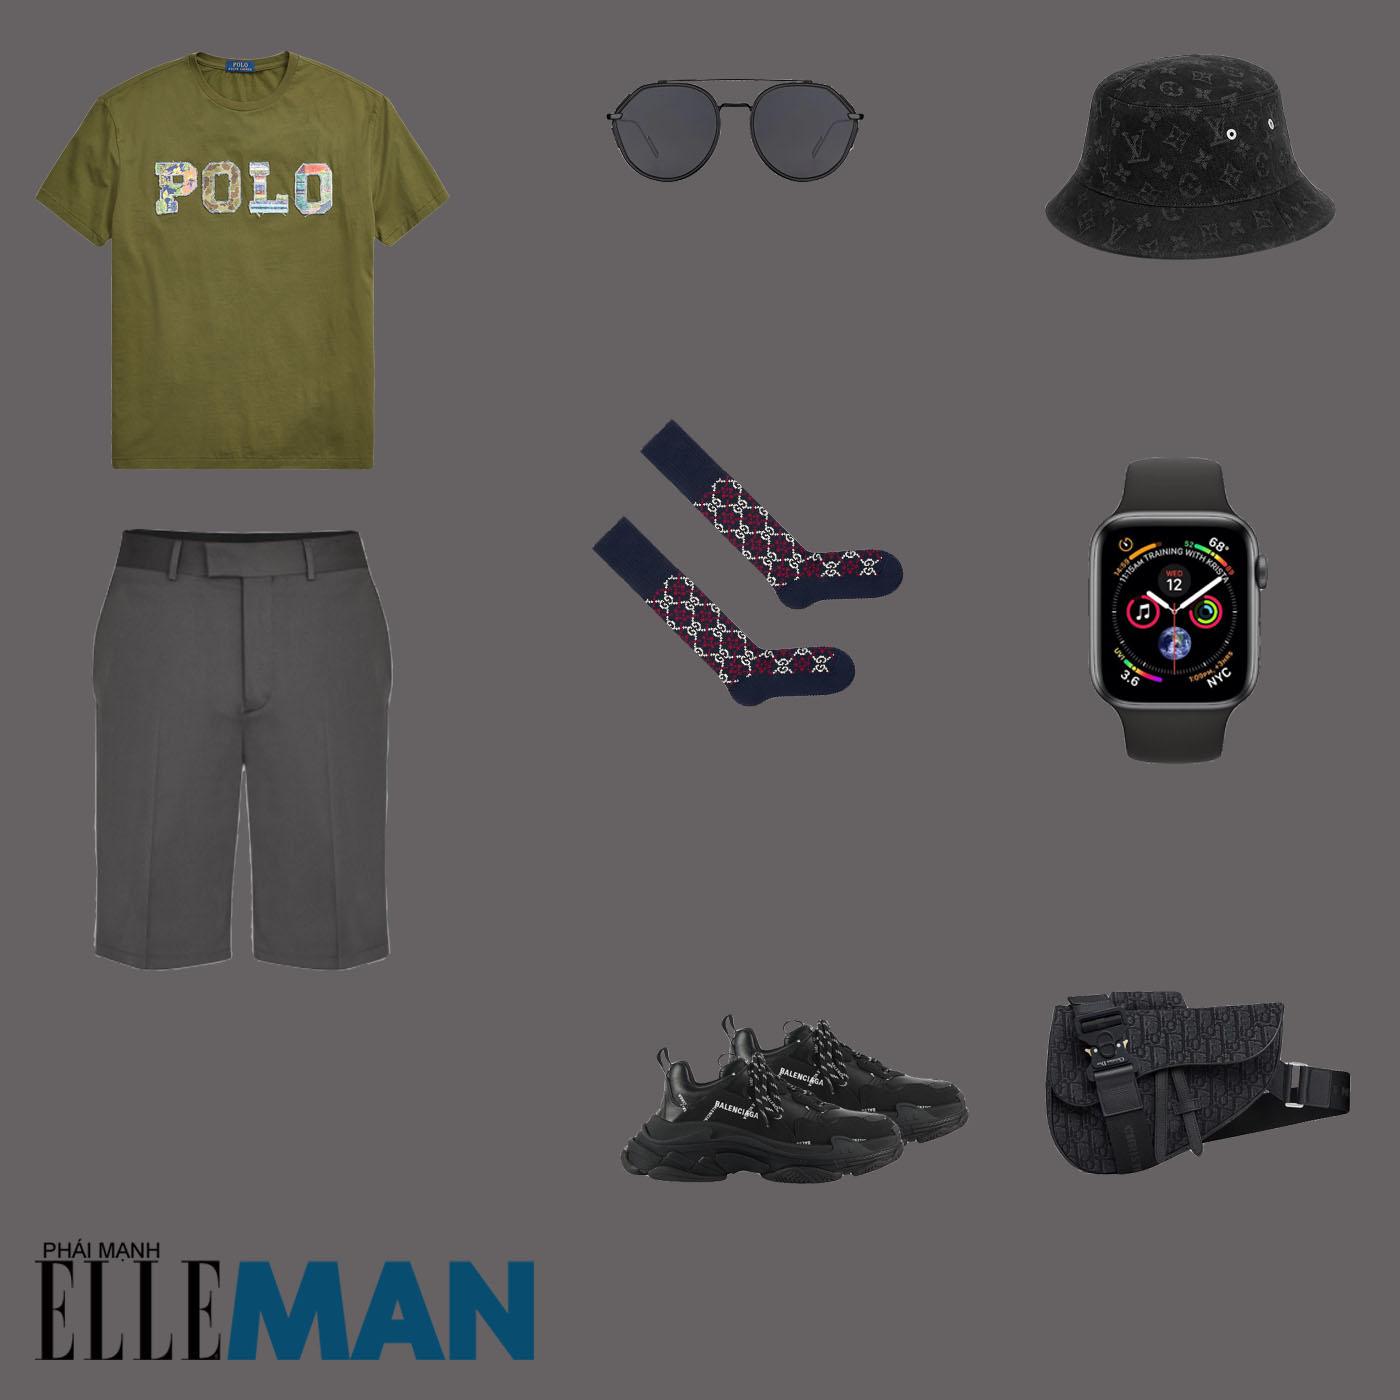 outfit 3 - phối đồ tông màu xanh lá